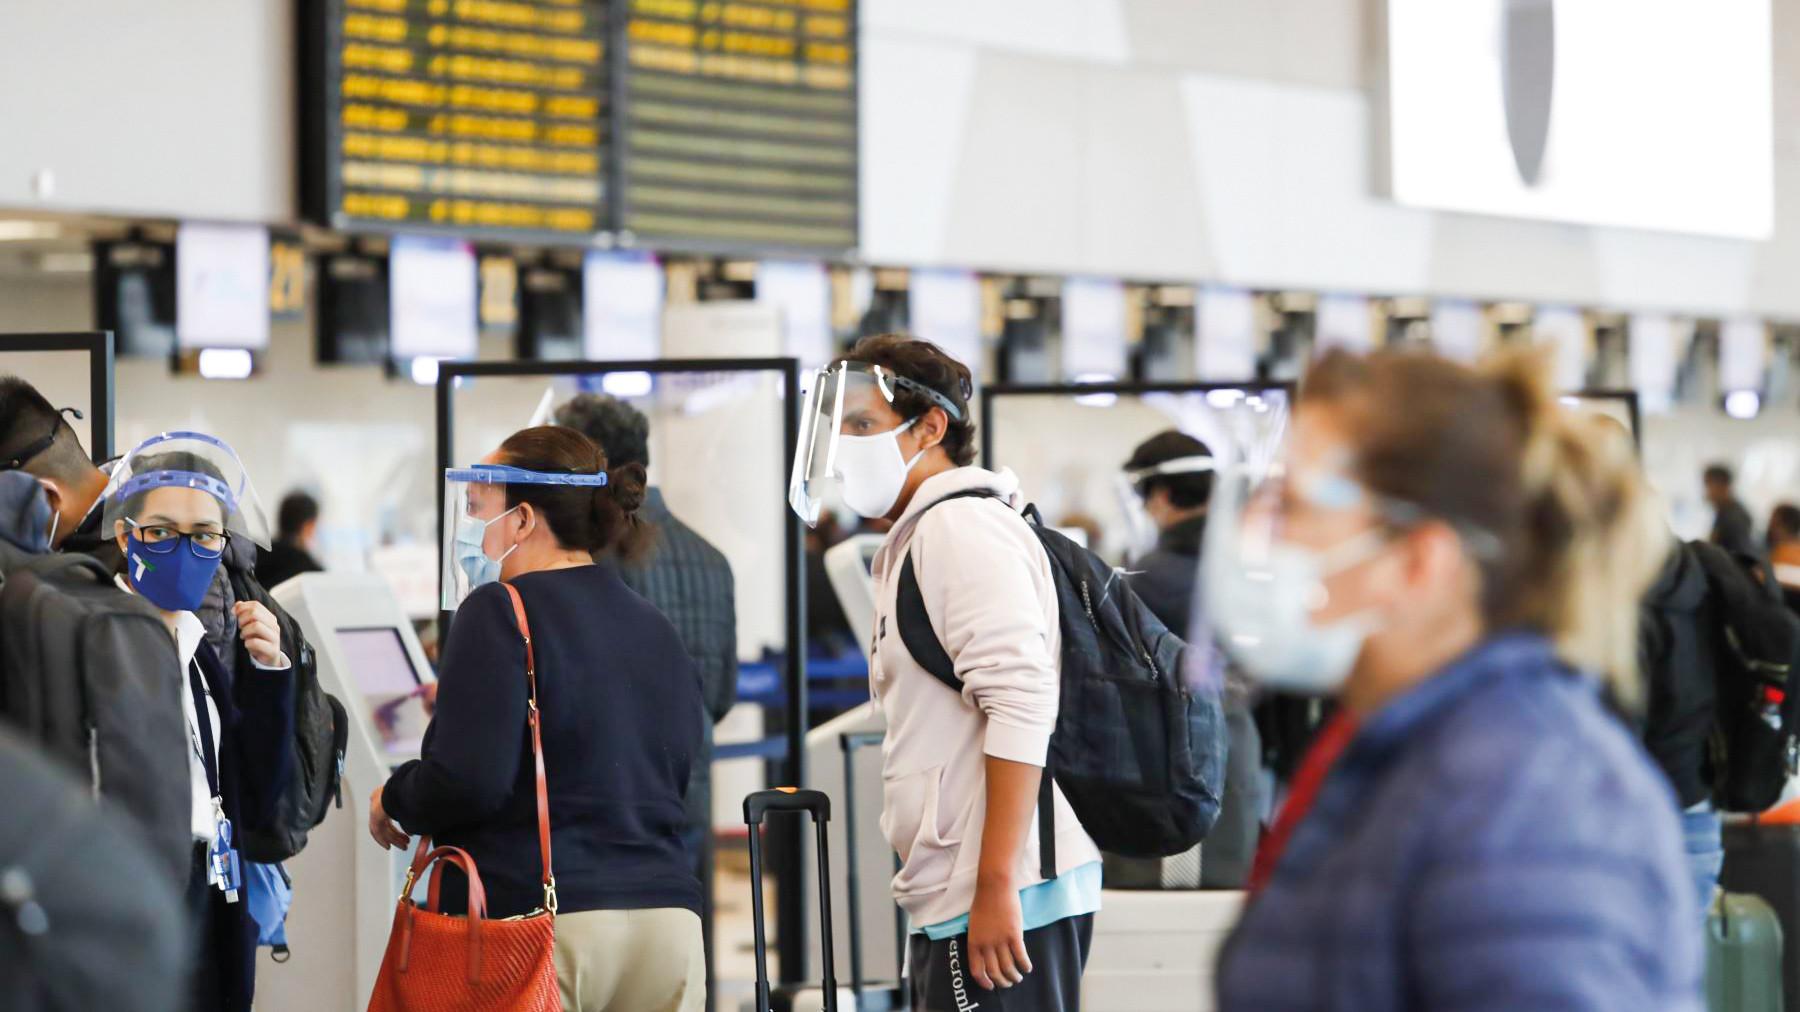 Turismo receptivo en pandemia: nuevas medidas del gobierno no son suficientes para iniciar la reactivación